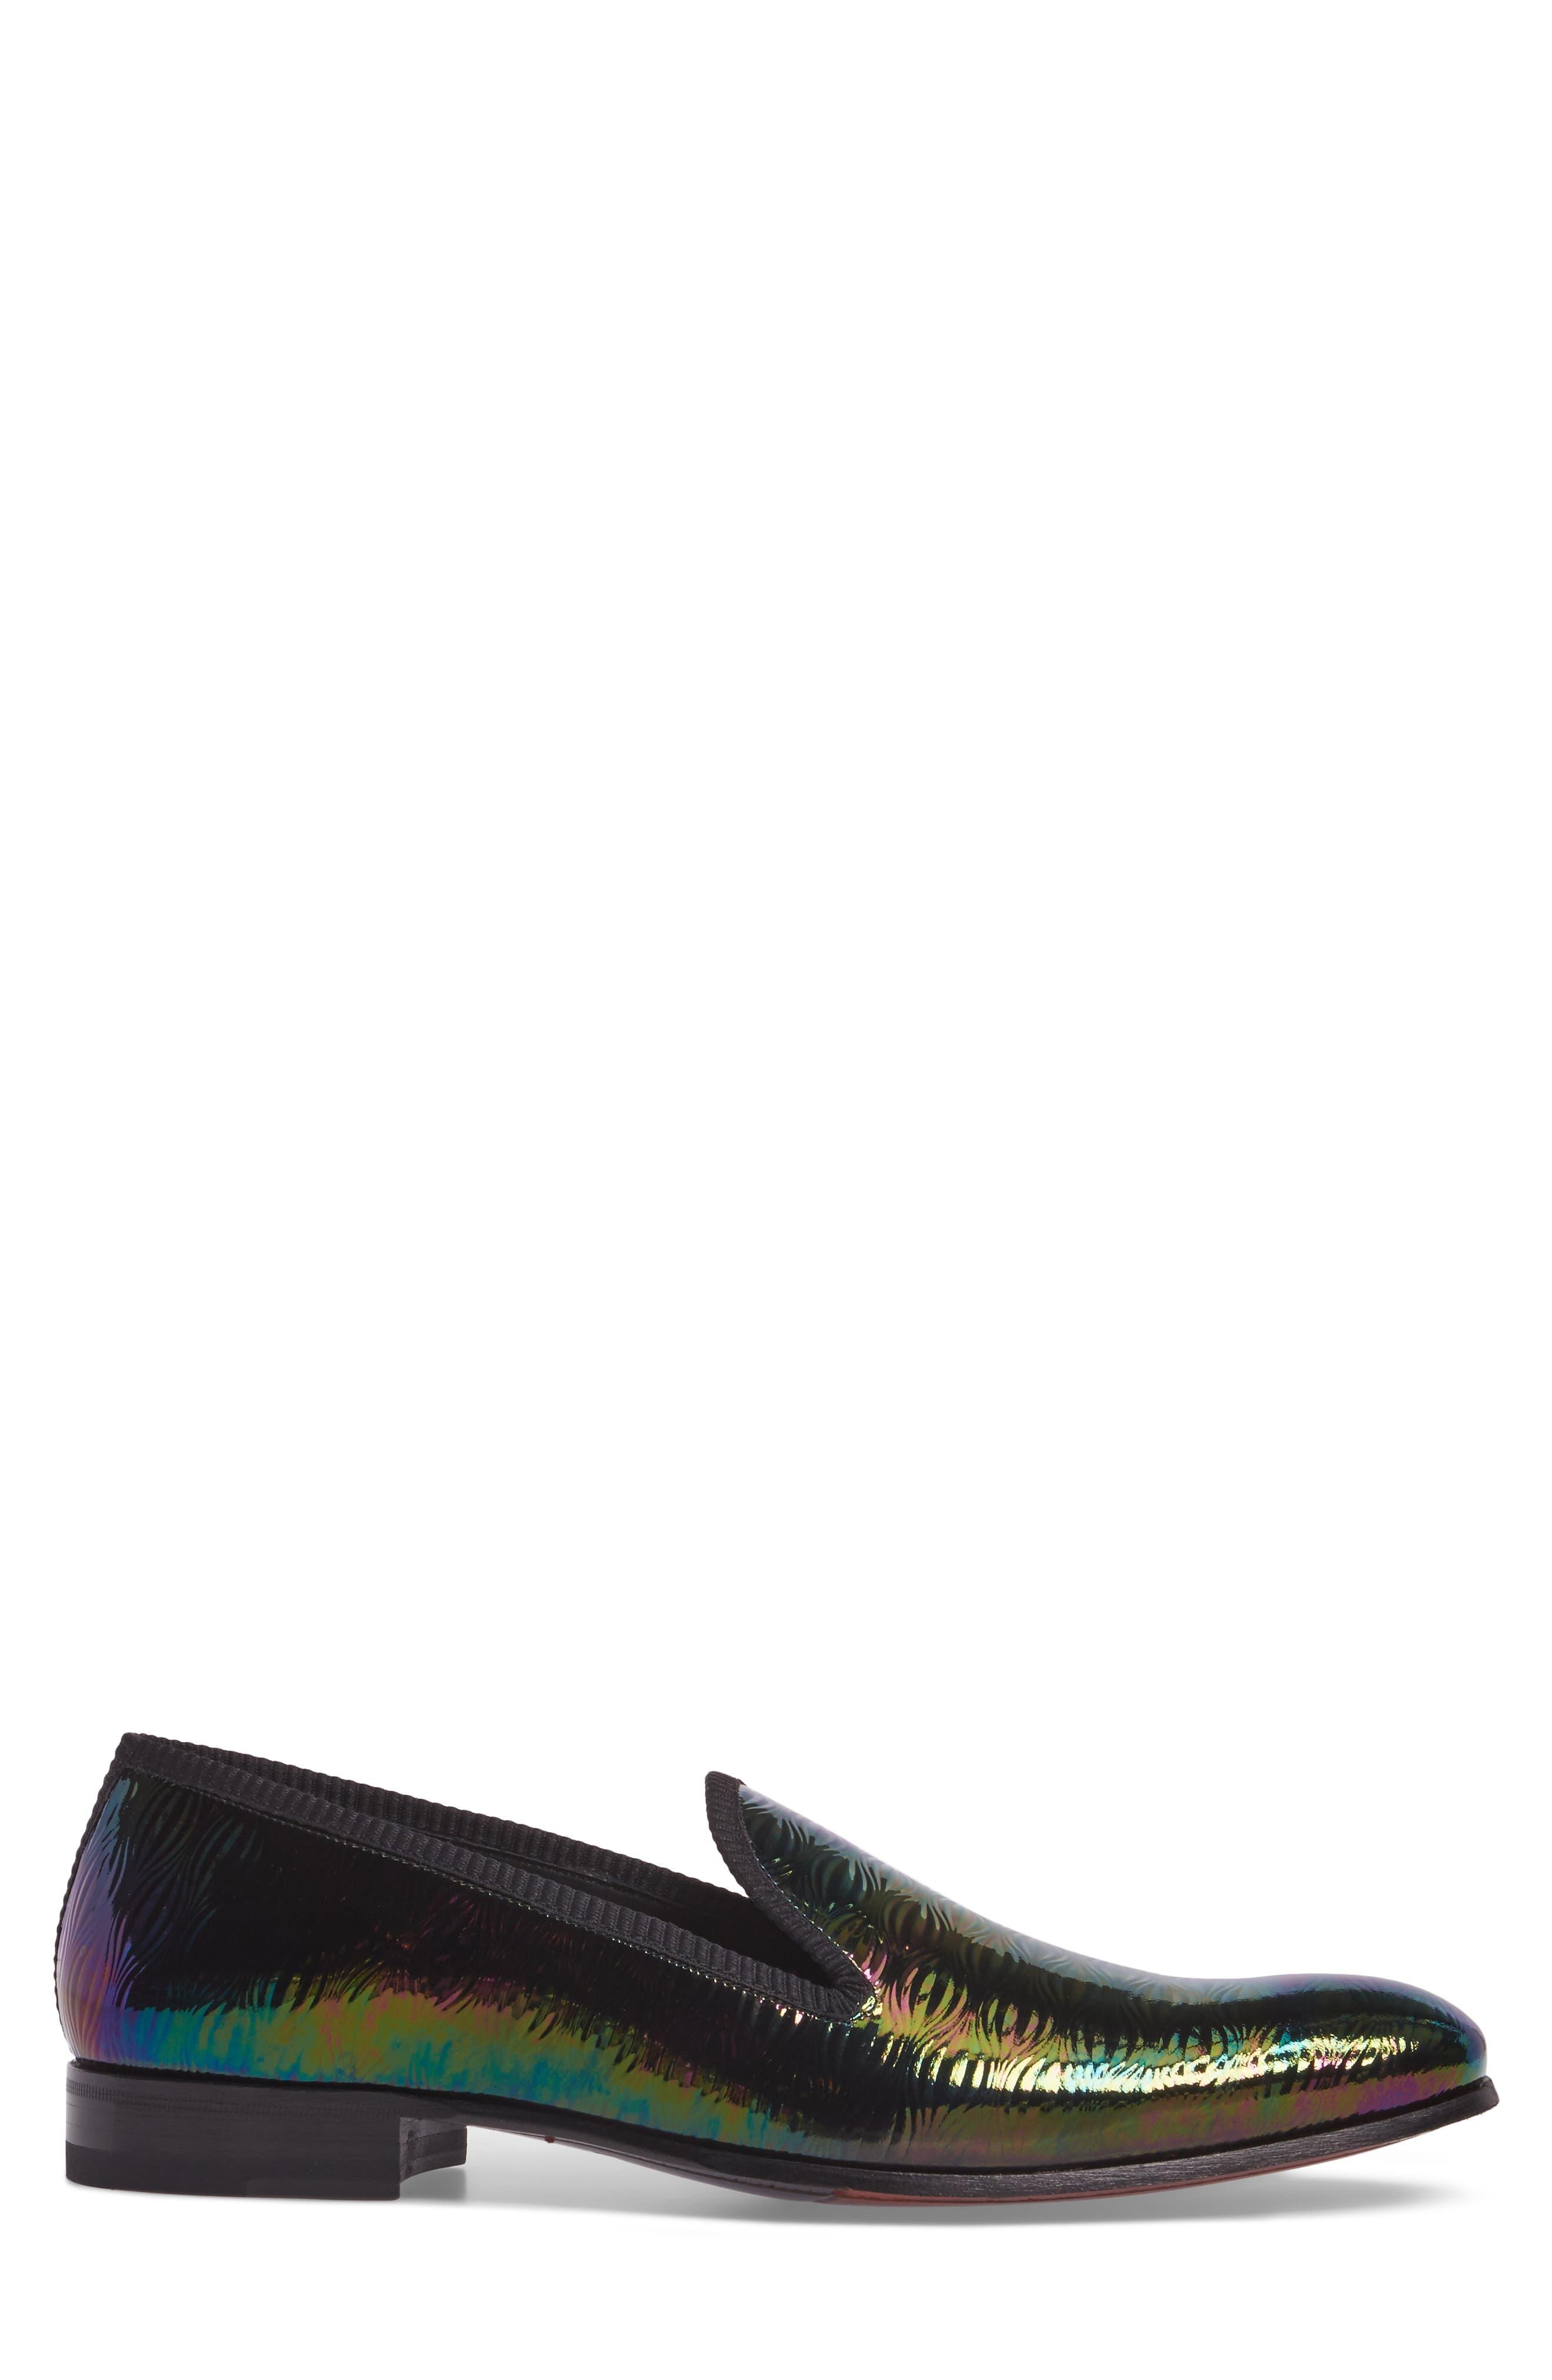 Duque Venetian Loafer,                             Alternate thumbnail 3, color,                             Black Leather